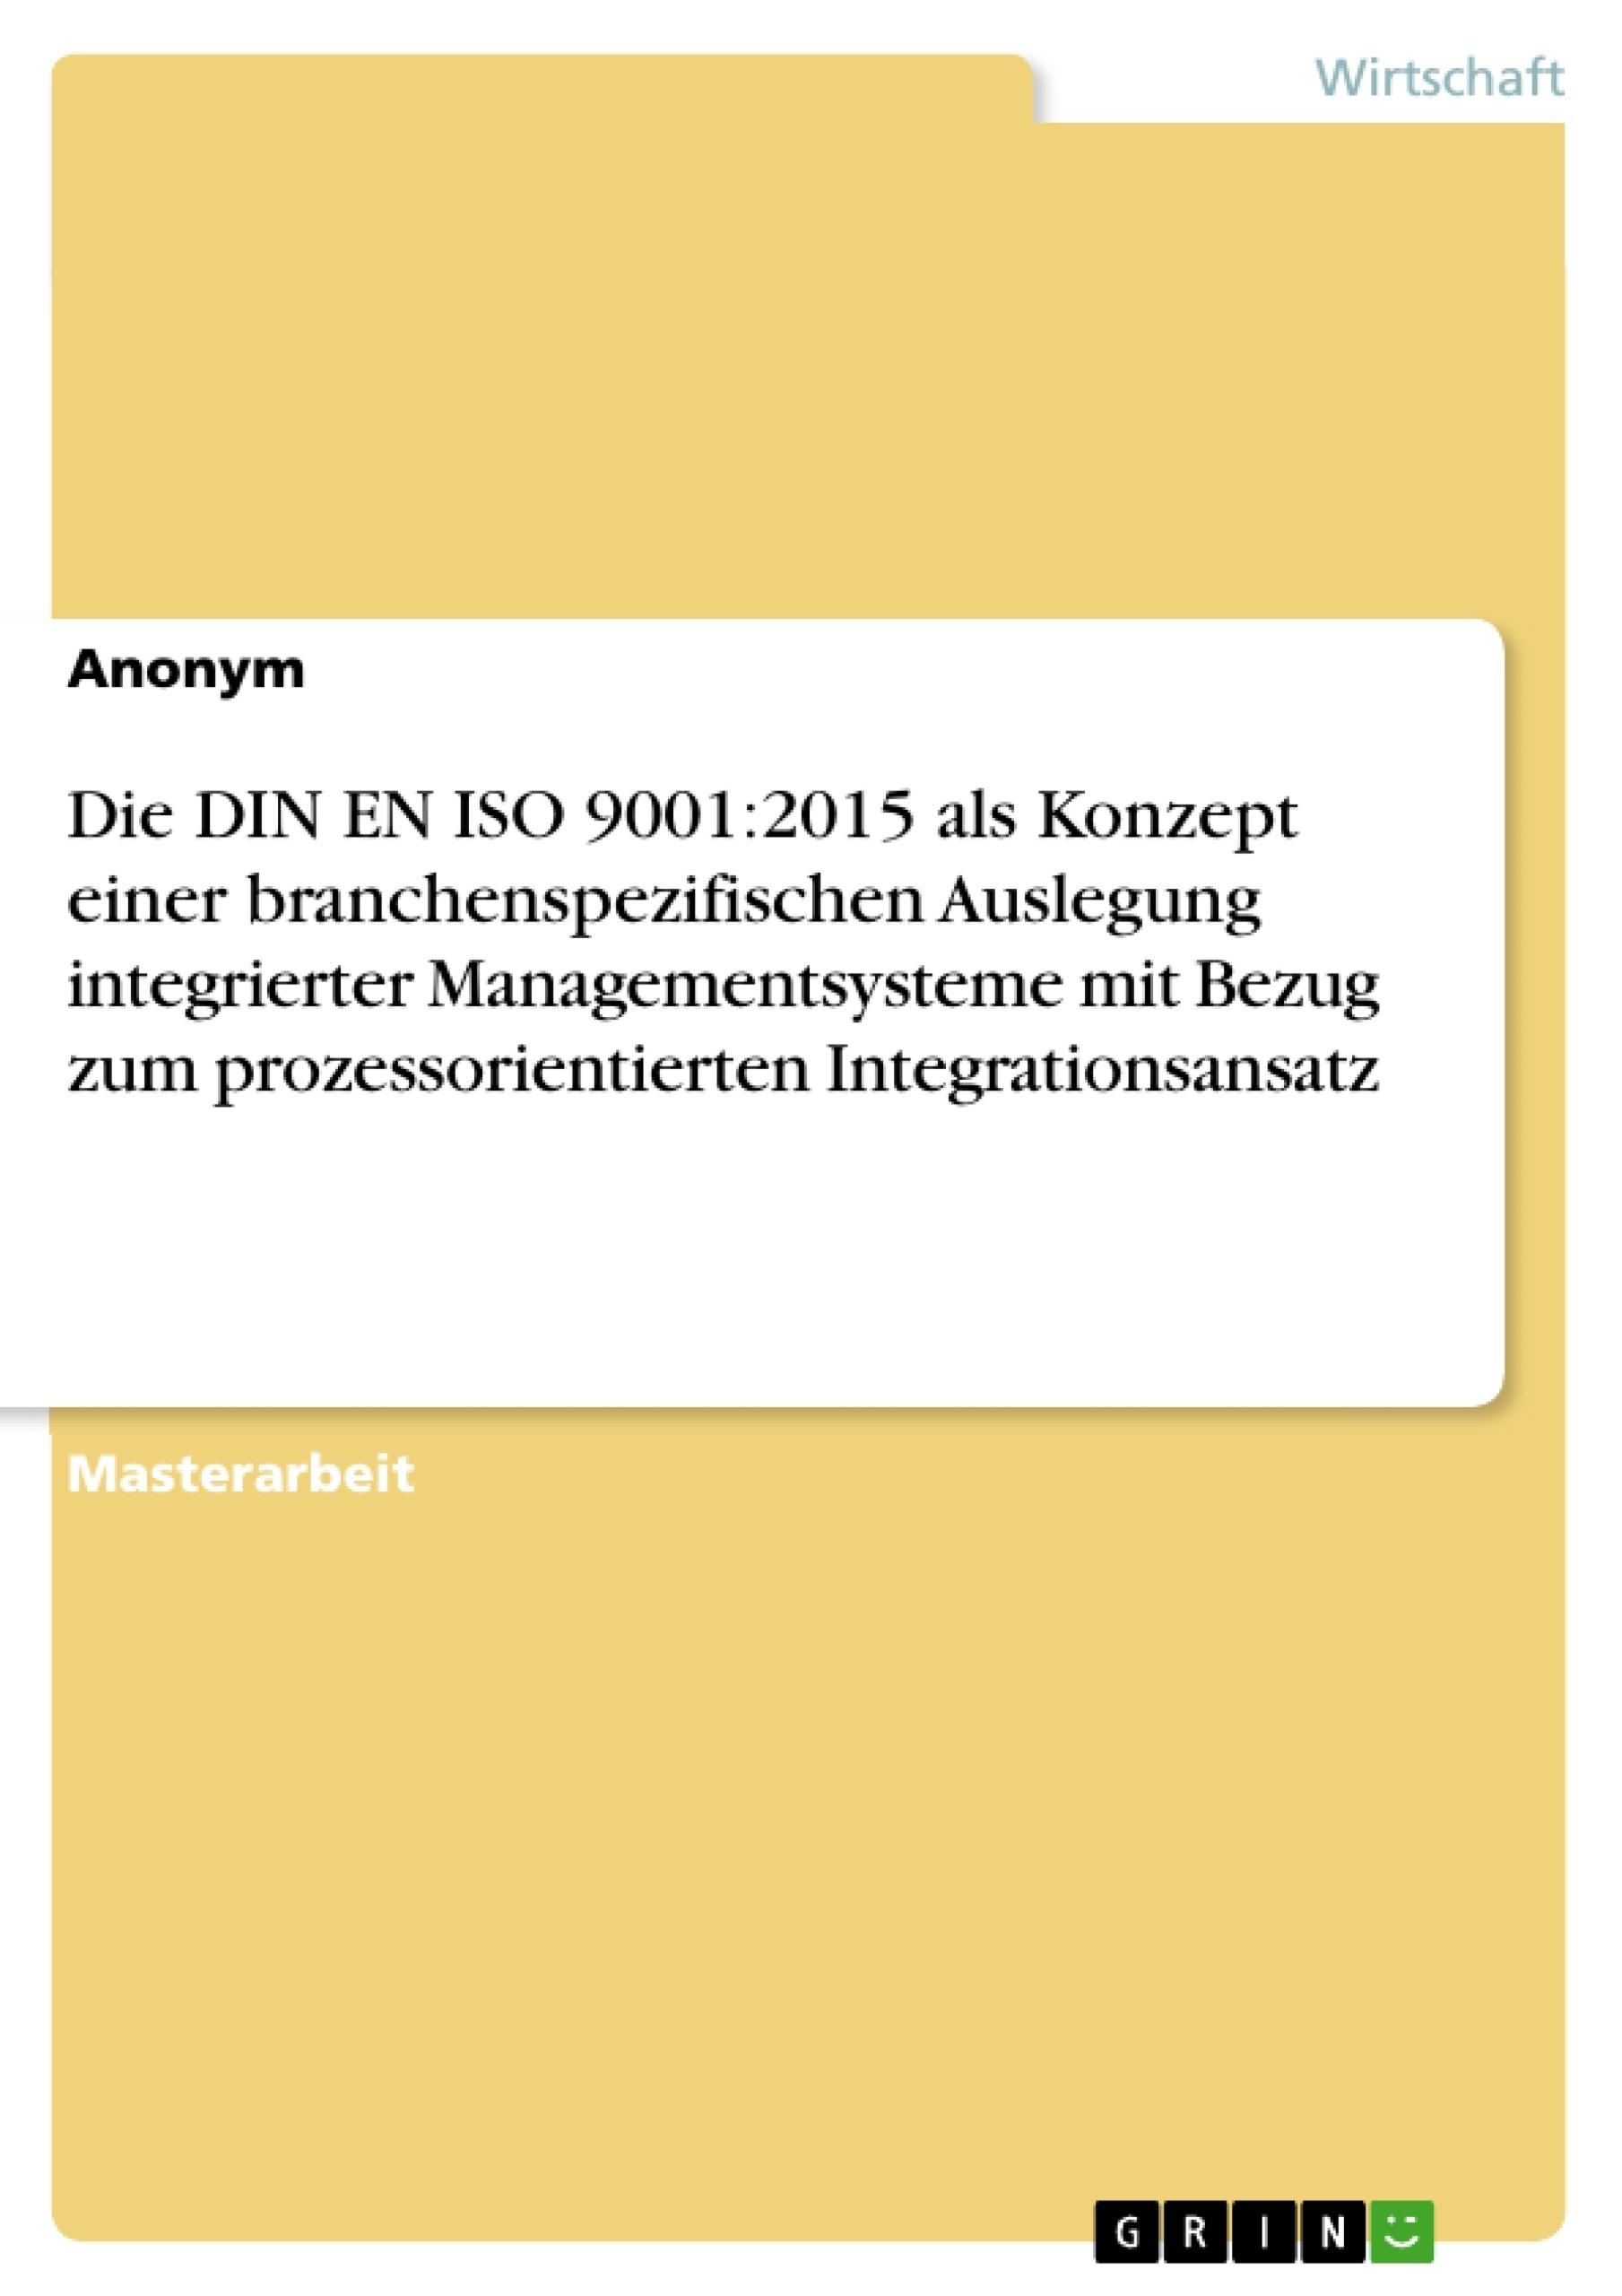 Titel: Die DIN EN ISO 9001:2015 als Konzept einer branchenspezifischen Auslegung integrierter Managementsysteme mit Bezug zum prozessorientierten Integrationsansatz